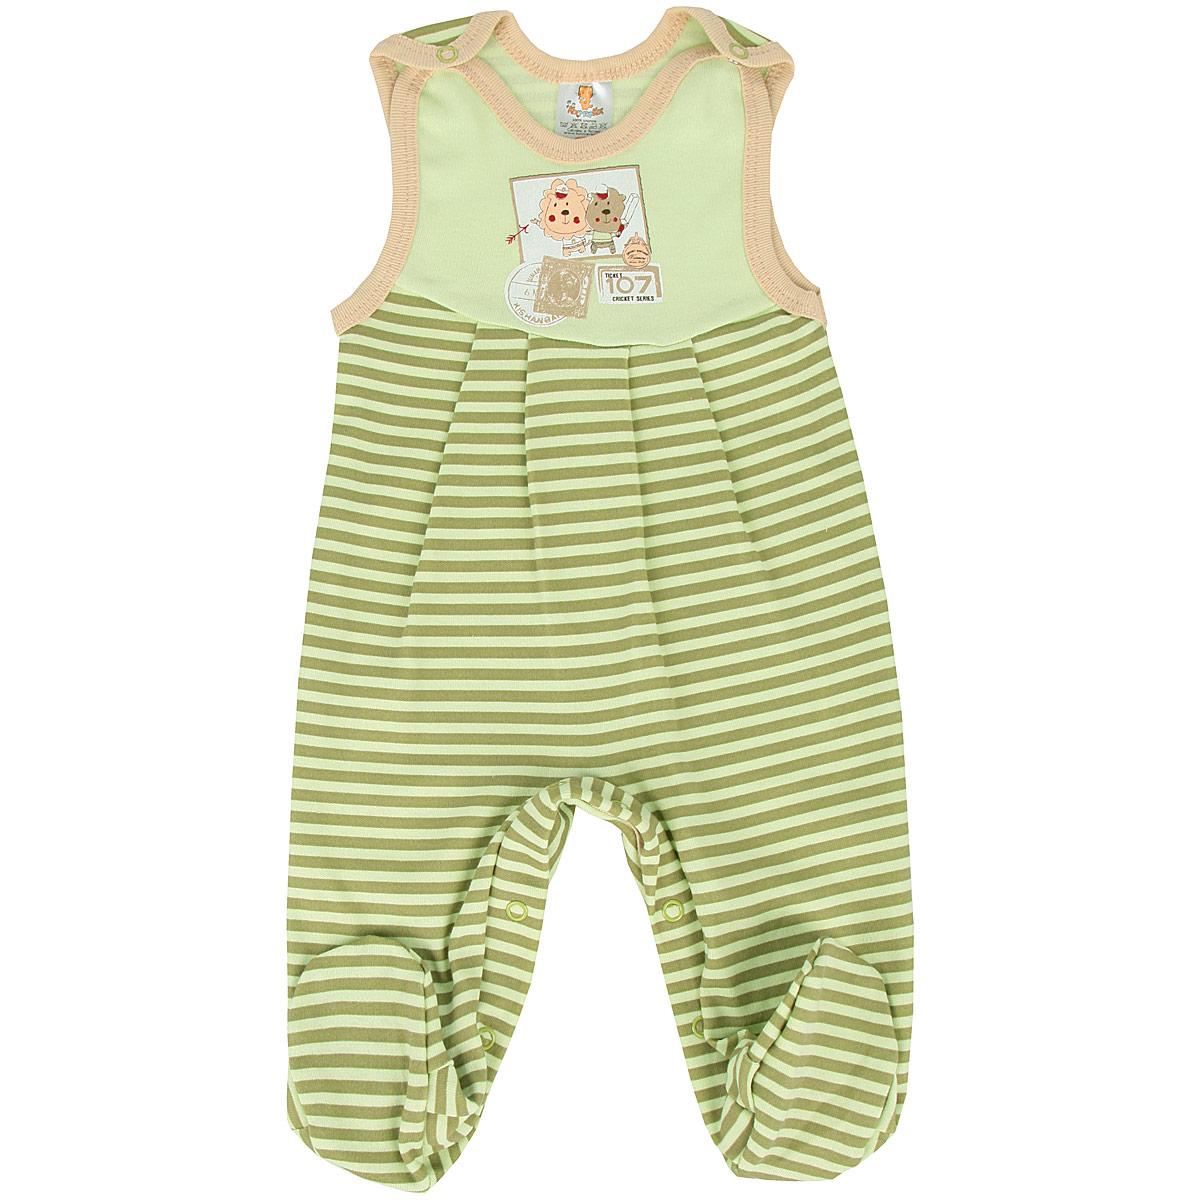 Ползунки с грудкой для мальчика. 53835383Ползунки с грудкой для мальчиков КотМарКот - очень удобный и практичный вид одежды для малышей. Они отлично сочетаются с футболками и кофточками. Ползунки выполнены из натурального хлопка, благодаря чему они необычайно мягкие и приятные на ощупь, не раздражают нежную кожу ребенка и хорошо вентилируются, а эластичные швы приятны телу малыша и не препятствуют его движениям. Ползунки с закрытыми ножками, застегивающиеся на кнопки на груди, идеально подойдут вашему малышу, обеспечивая ему наибольший комфорт, подходят для ношения с подгузником и без него. Кнопки на ластовице помогают легко и без труда поменять подгузник в течение дня. Модель оформлена декоративными защипами под грудкой, и украшена принтом в полоску и изображением почтовых марок с забавными зверюшками. Ползунки с грудкой полностью соответствуют особенностям жизни малыша в ранний период, не стесняя и не ограничивая его в движениях!